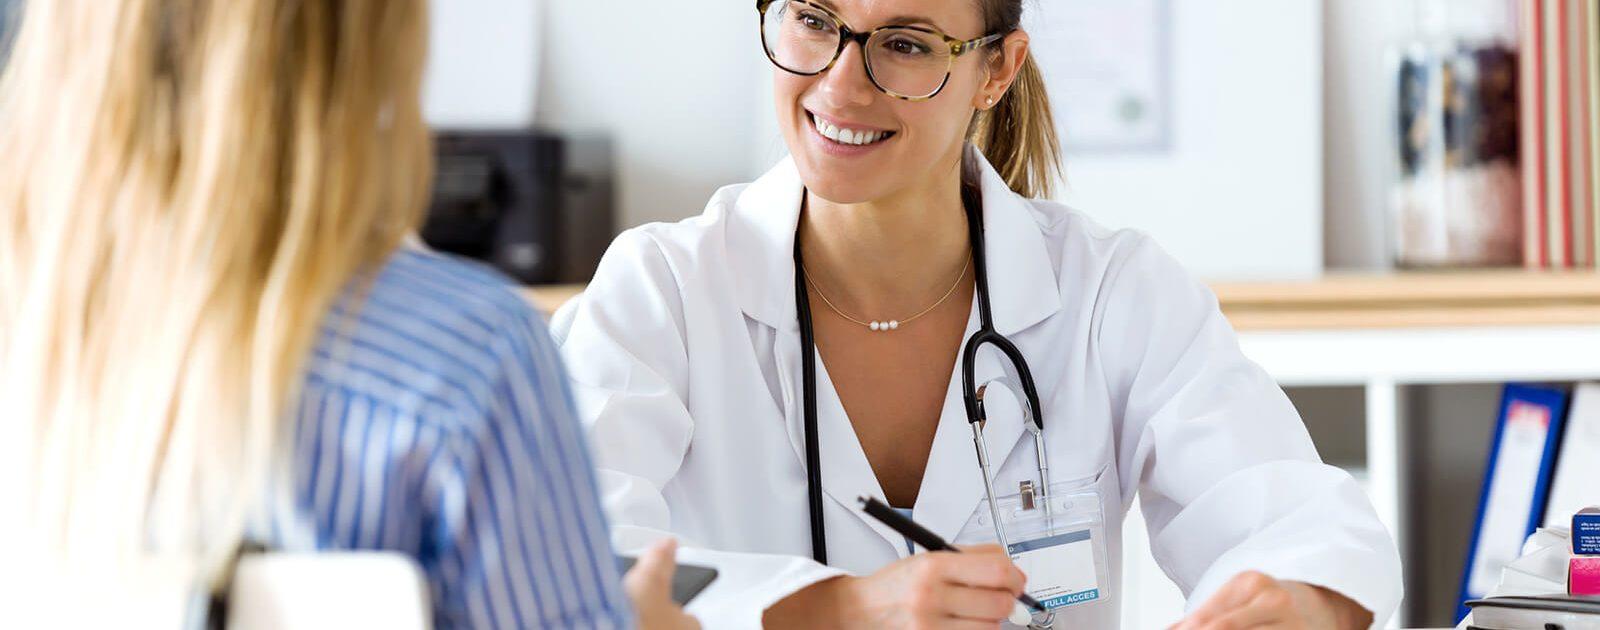 Um ihren B12 Mangel zu beheben, lässt sich eine Frau von einer Ärztin Therapien empfehlen.